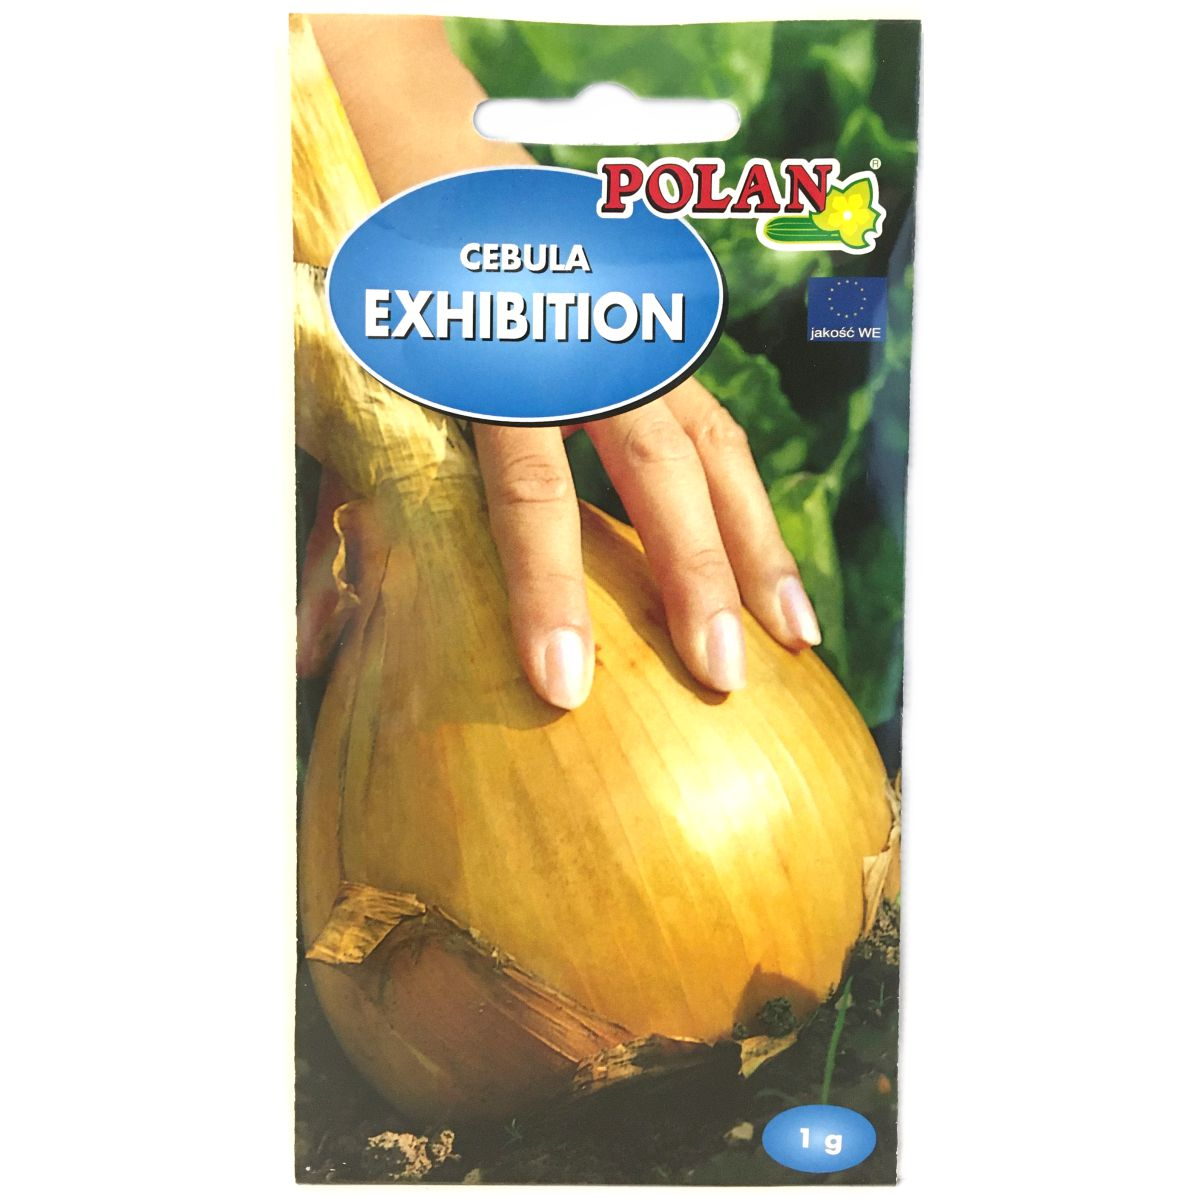 Cebula Exhibition nasiona Polan